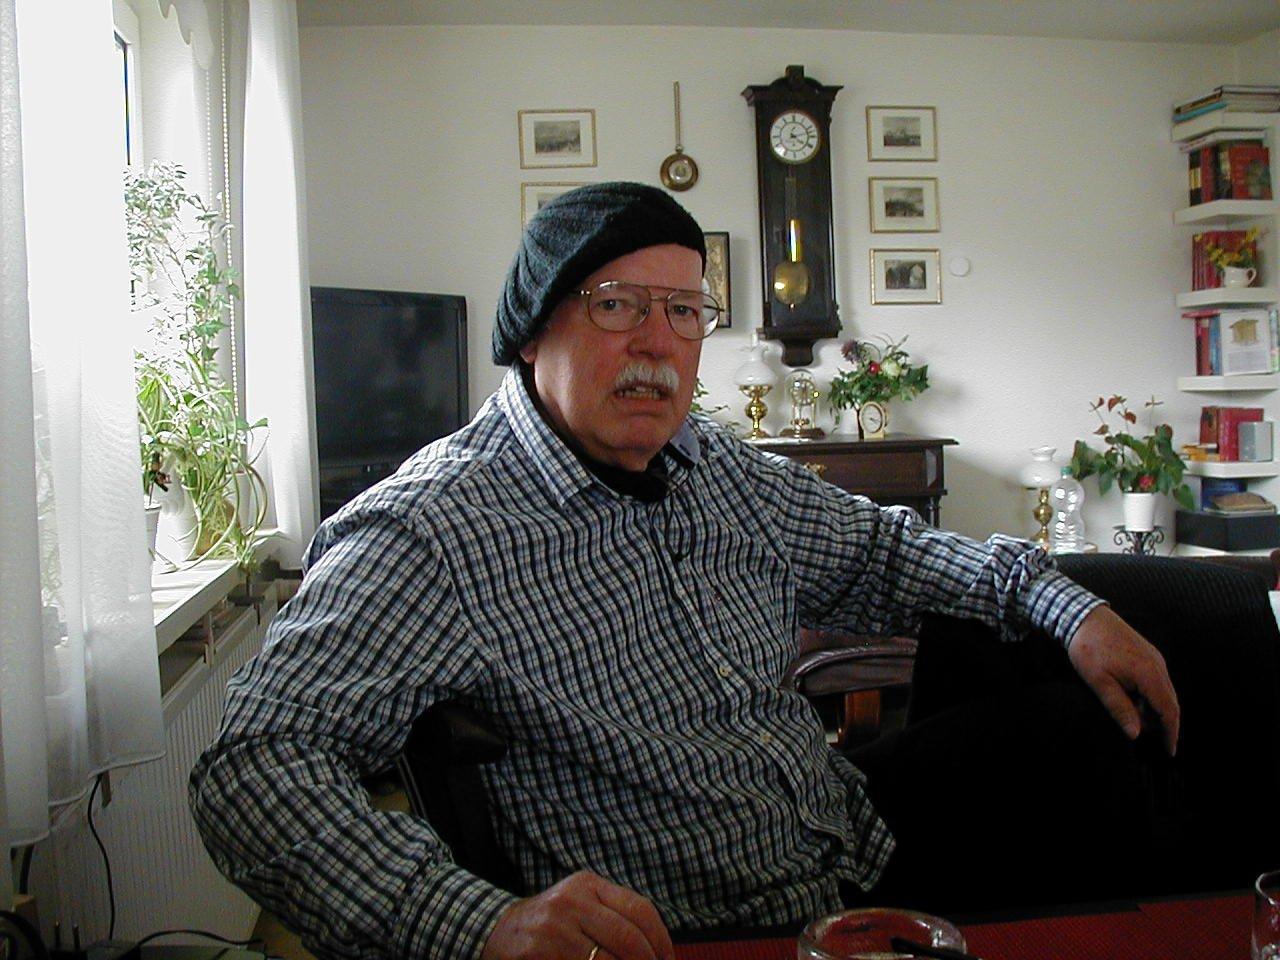 Rudolfo aus Hamburg,Deutschland